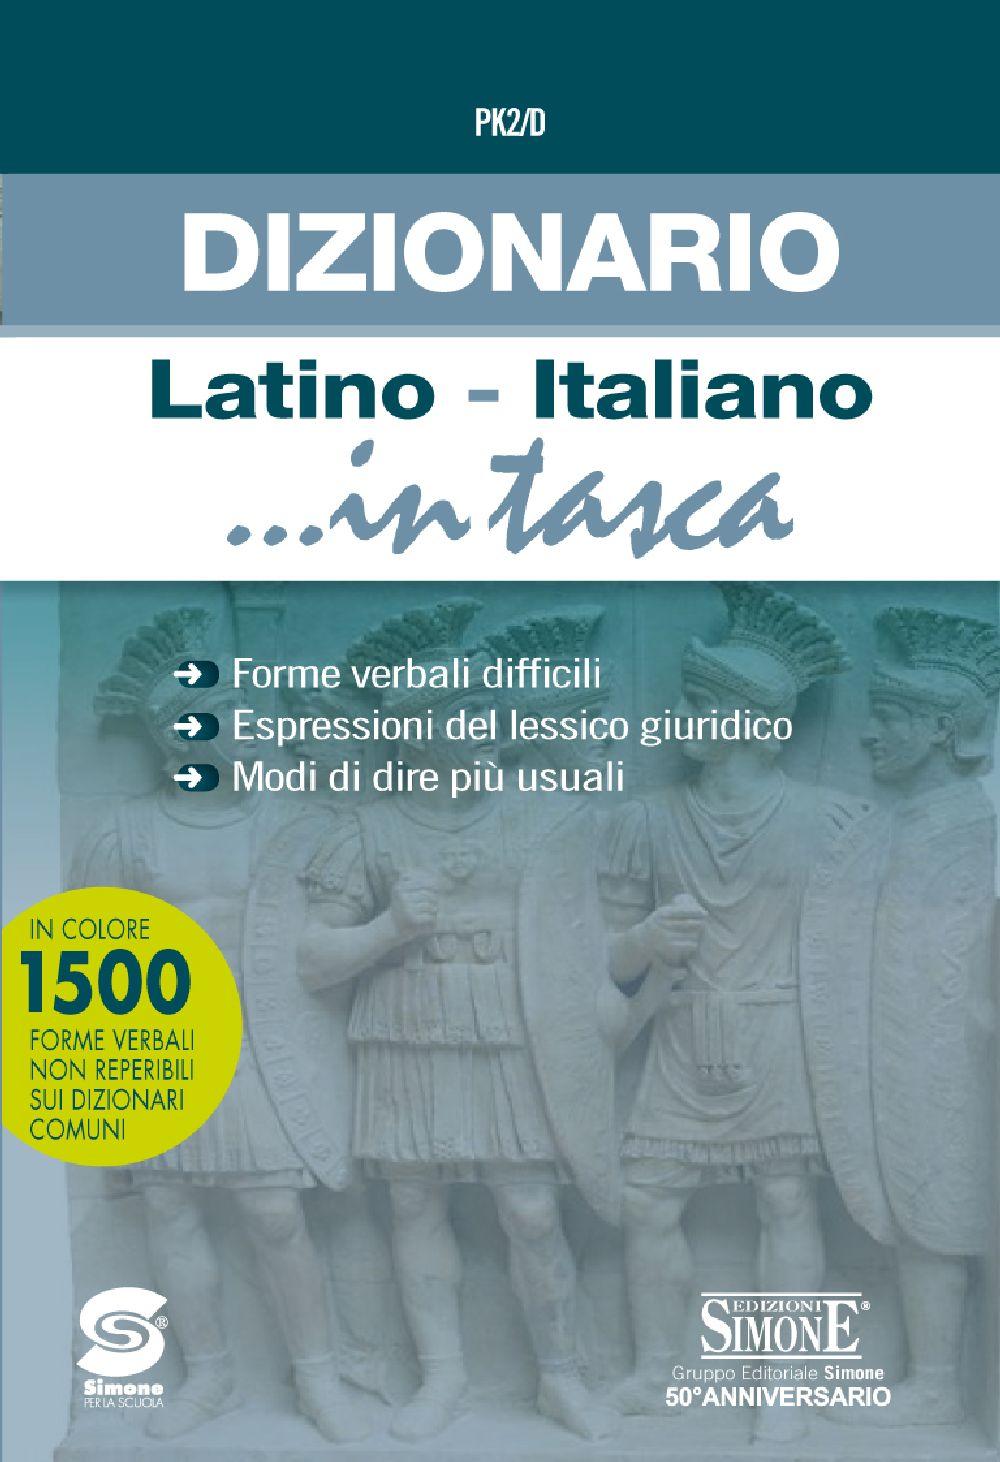 Dizionario Latino - Italiano